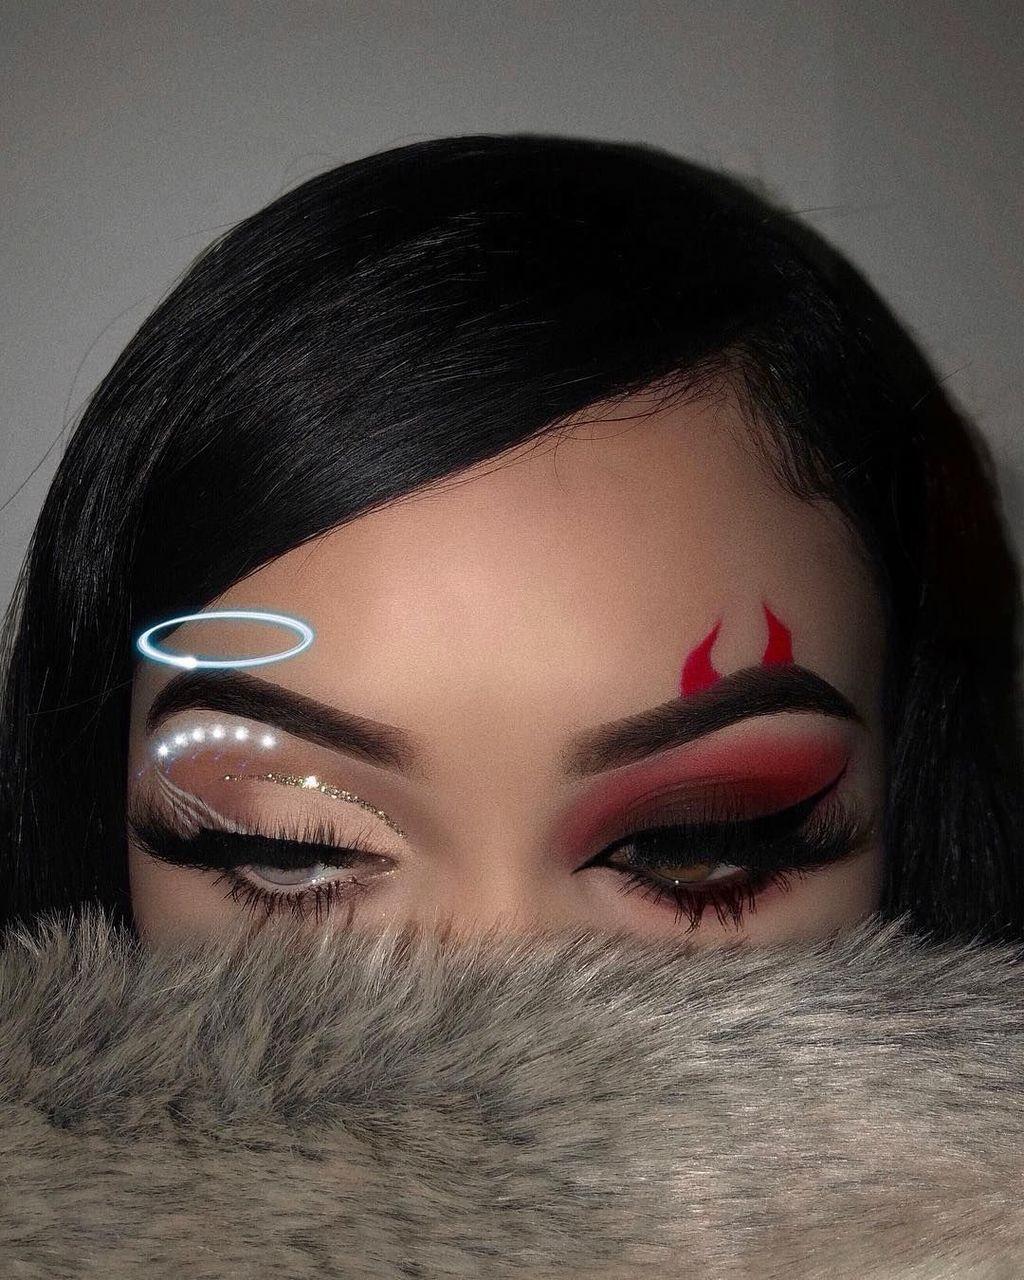 30 Best Halloween Eye Makeup Ideas #eyemakeup 30 Best Halloween Eye Makeup Ideas #makeupideas